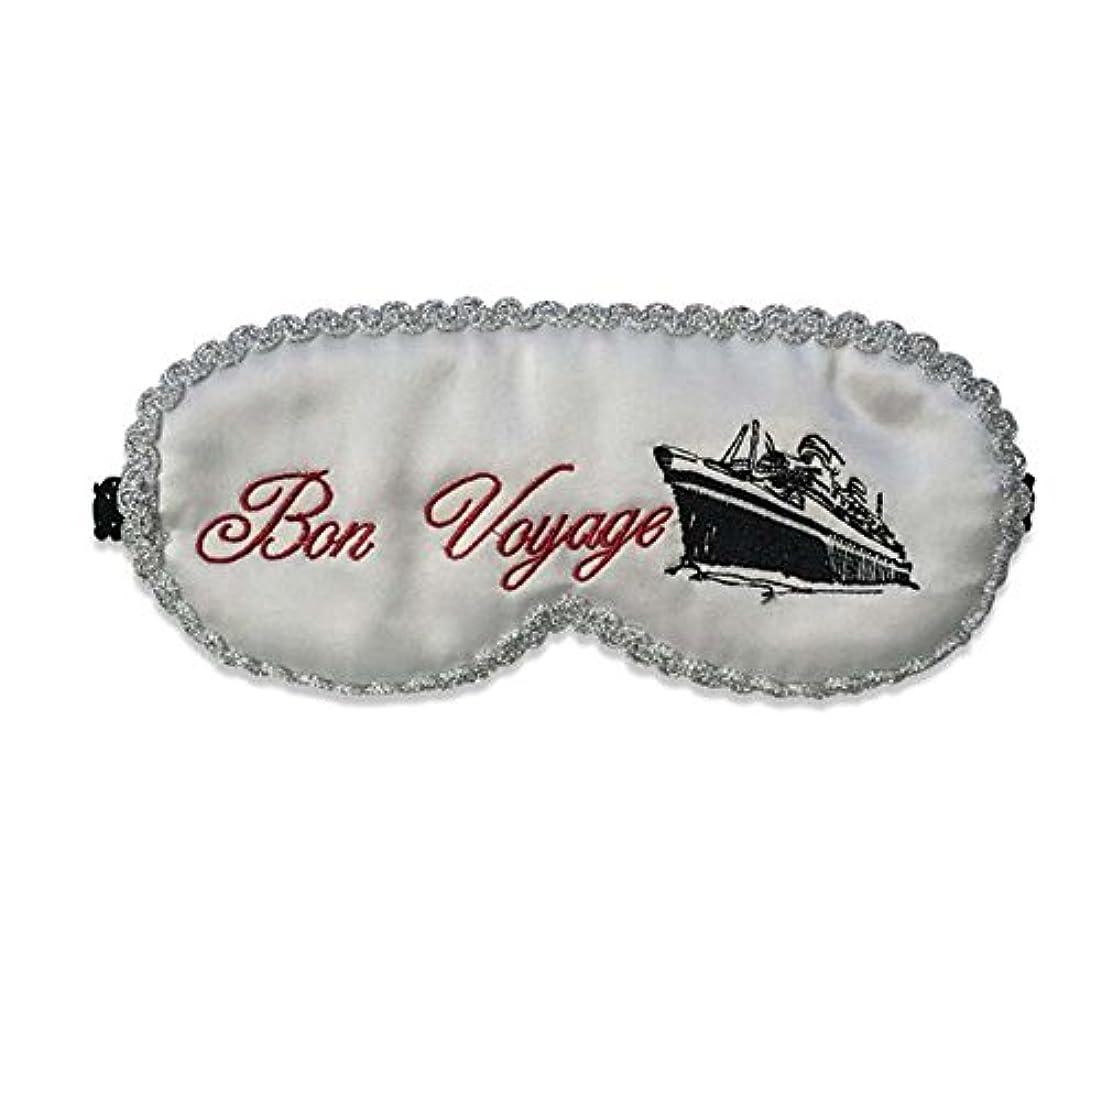 セラー良いコンプライアンス白いラブリースタイルのデザインソフトシルクスリープアイマスクカバー